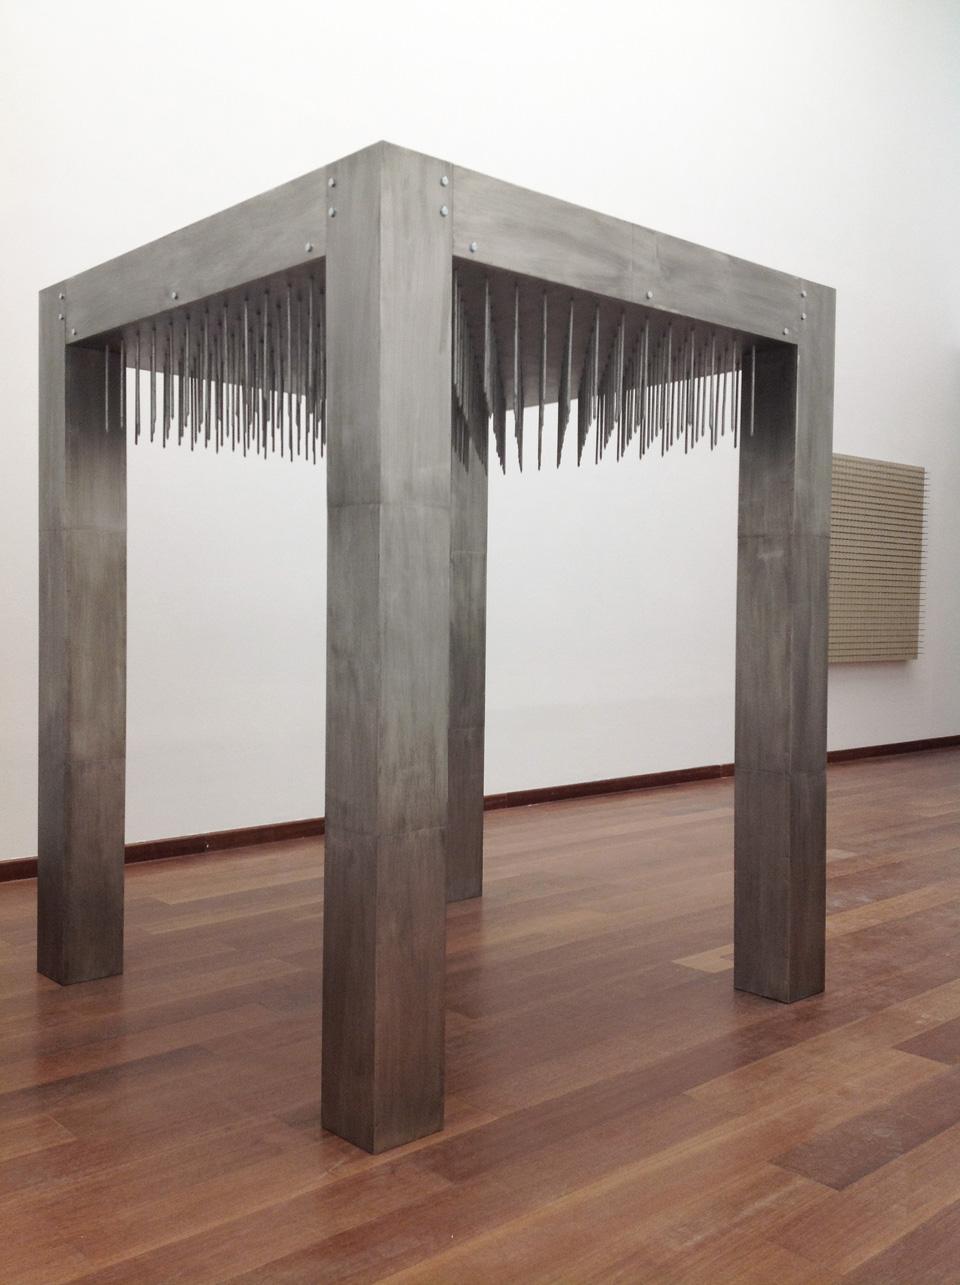 Günther Uecker, Nageltisch, 1968 / 2014, Collection ZERO foundation